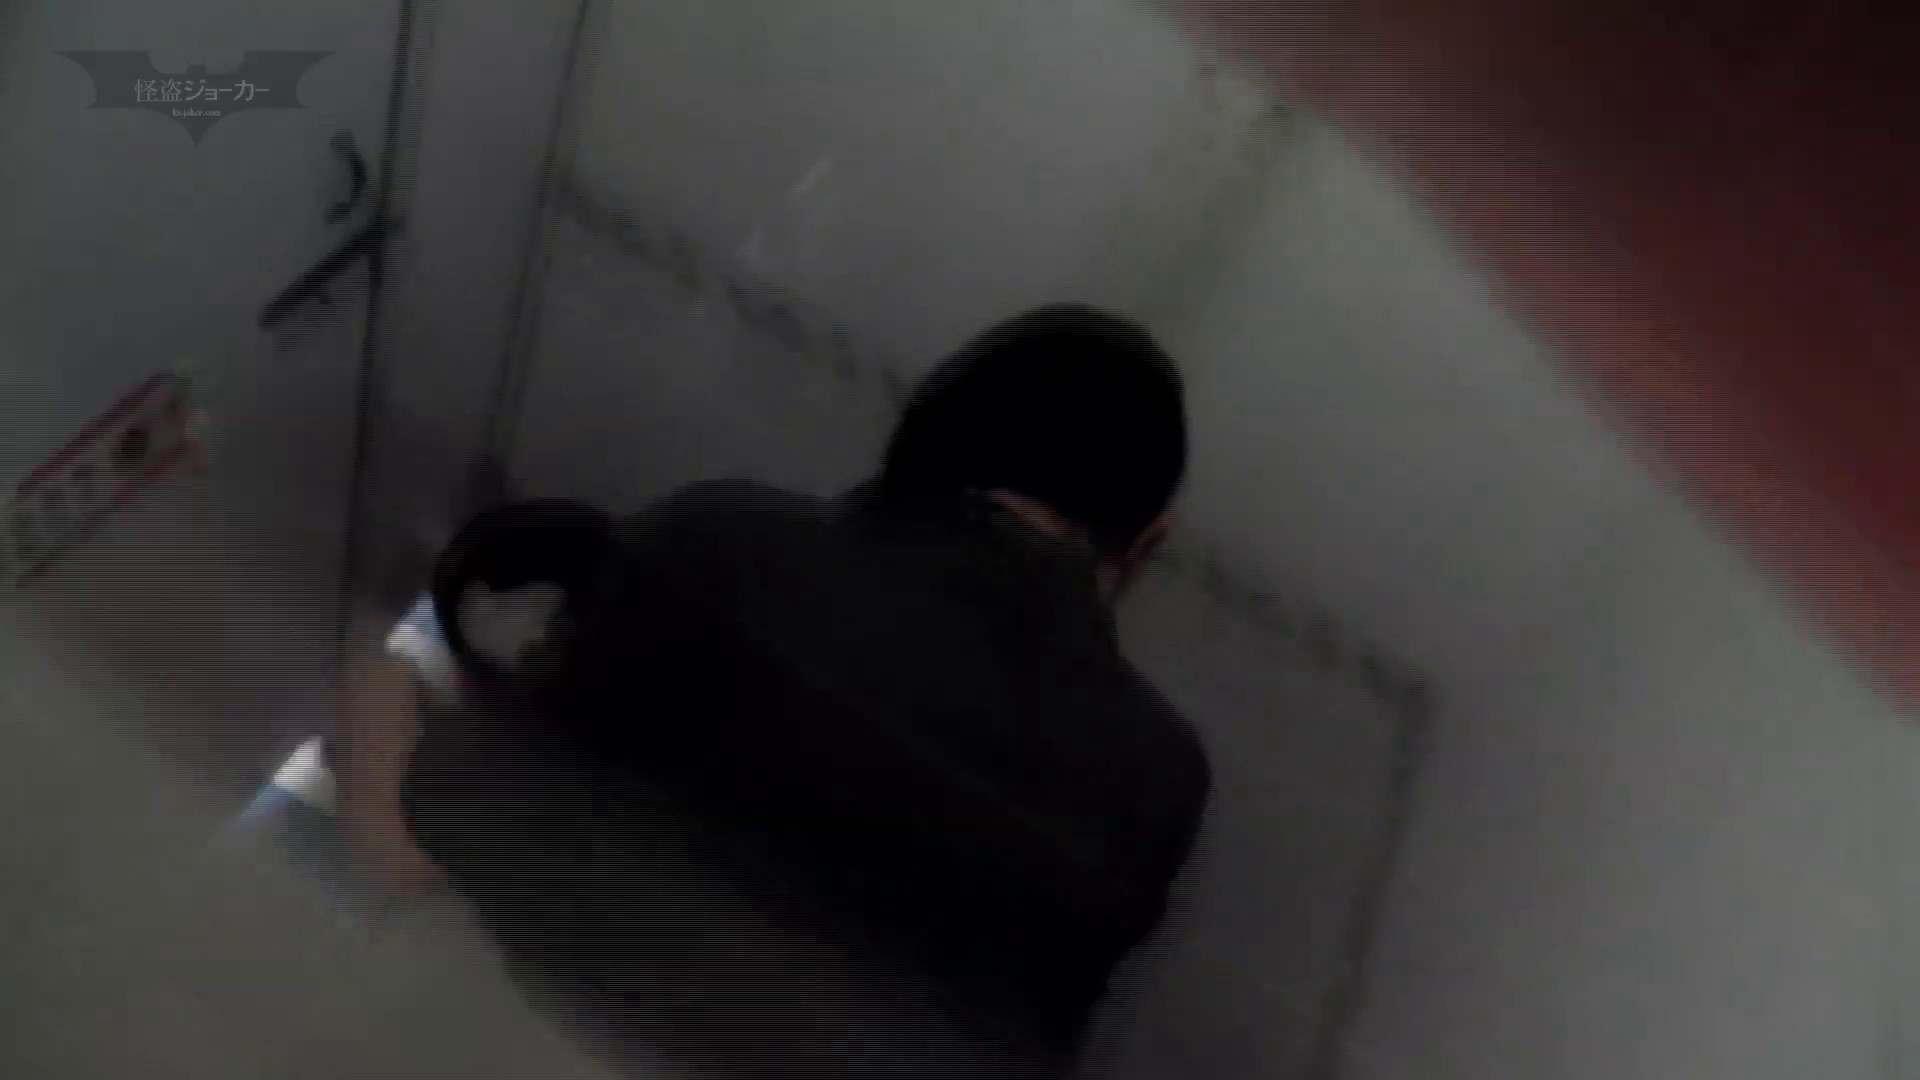 下からノゾム vol.031 扉を壊しみたら、漏れそうな子が閉じずに入ってくれた パンツ  83PIX 60